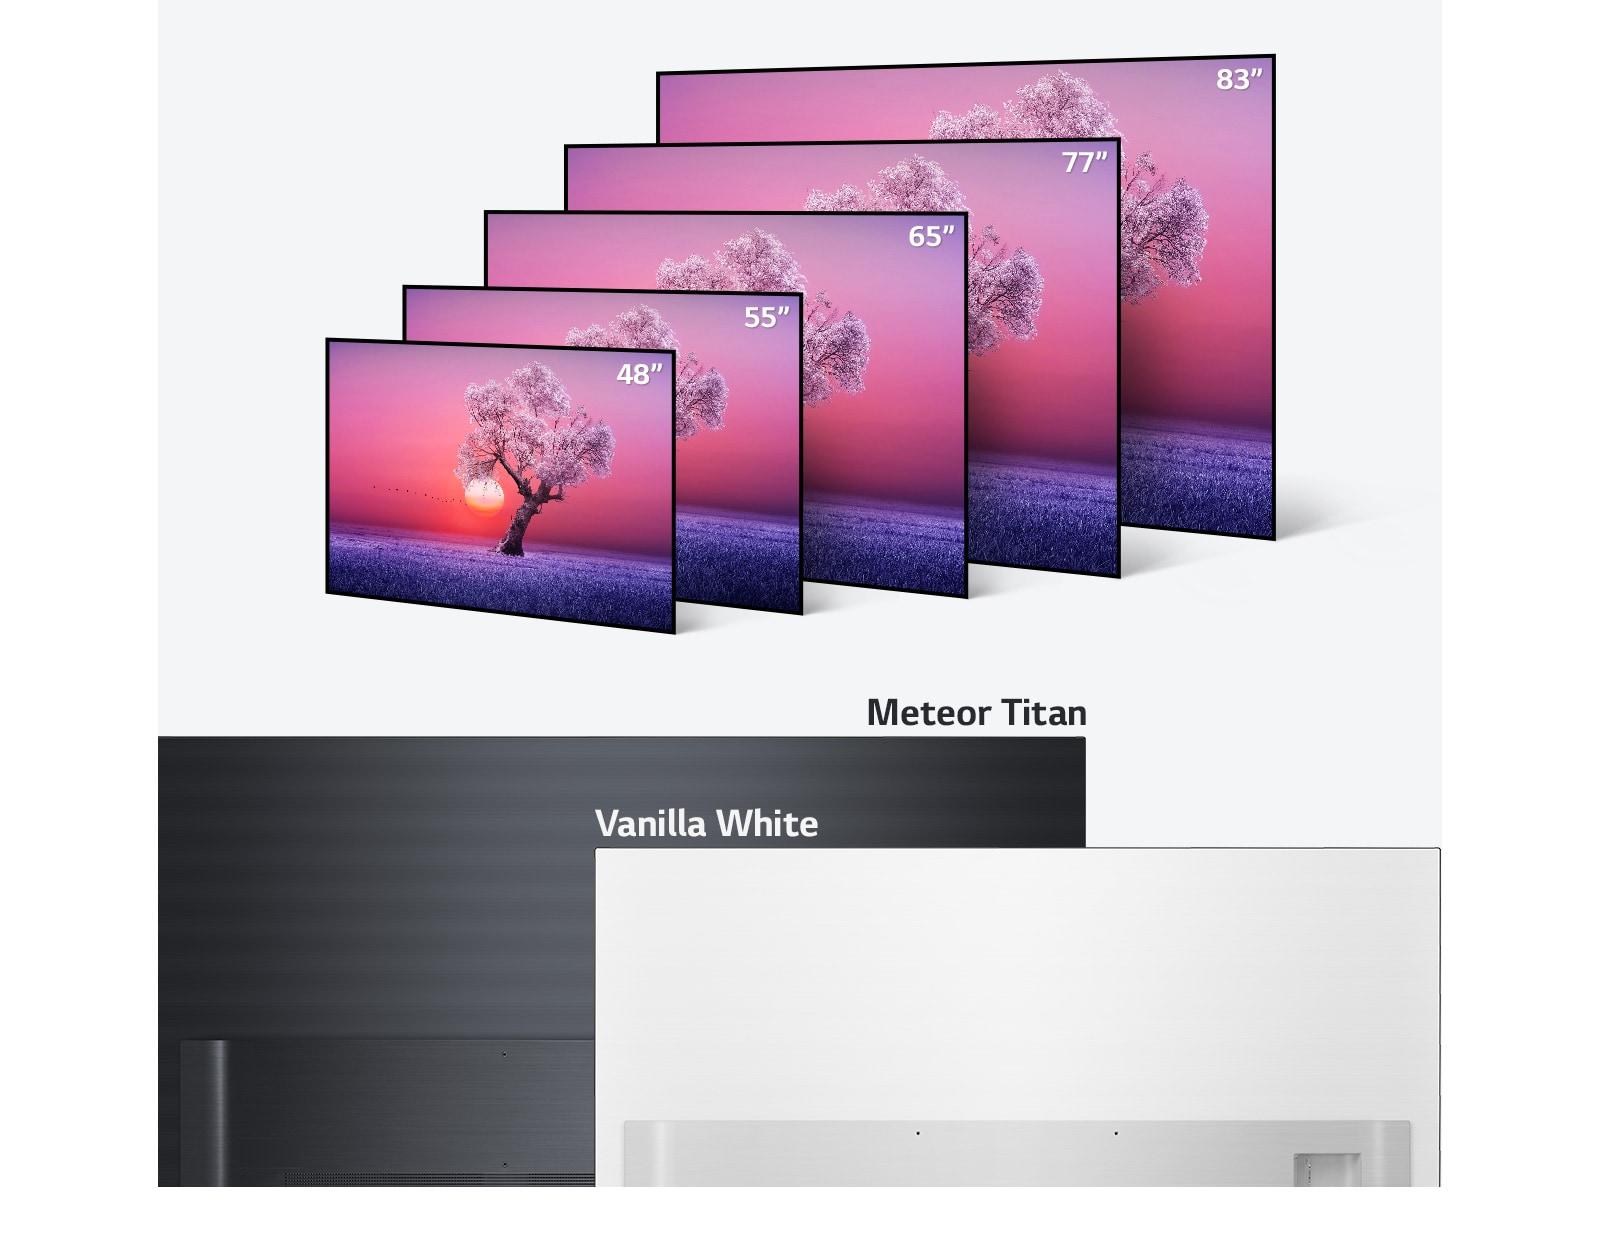 Televizijski program LG OLED TV je različnih velikosti od 48 do 83 palcev in svetlo črne in vanilijevo bele barve